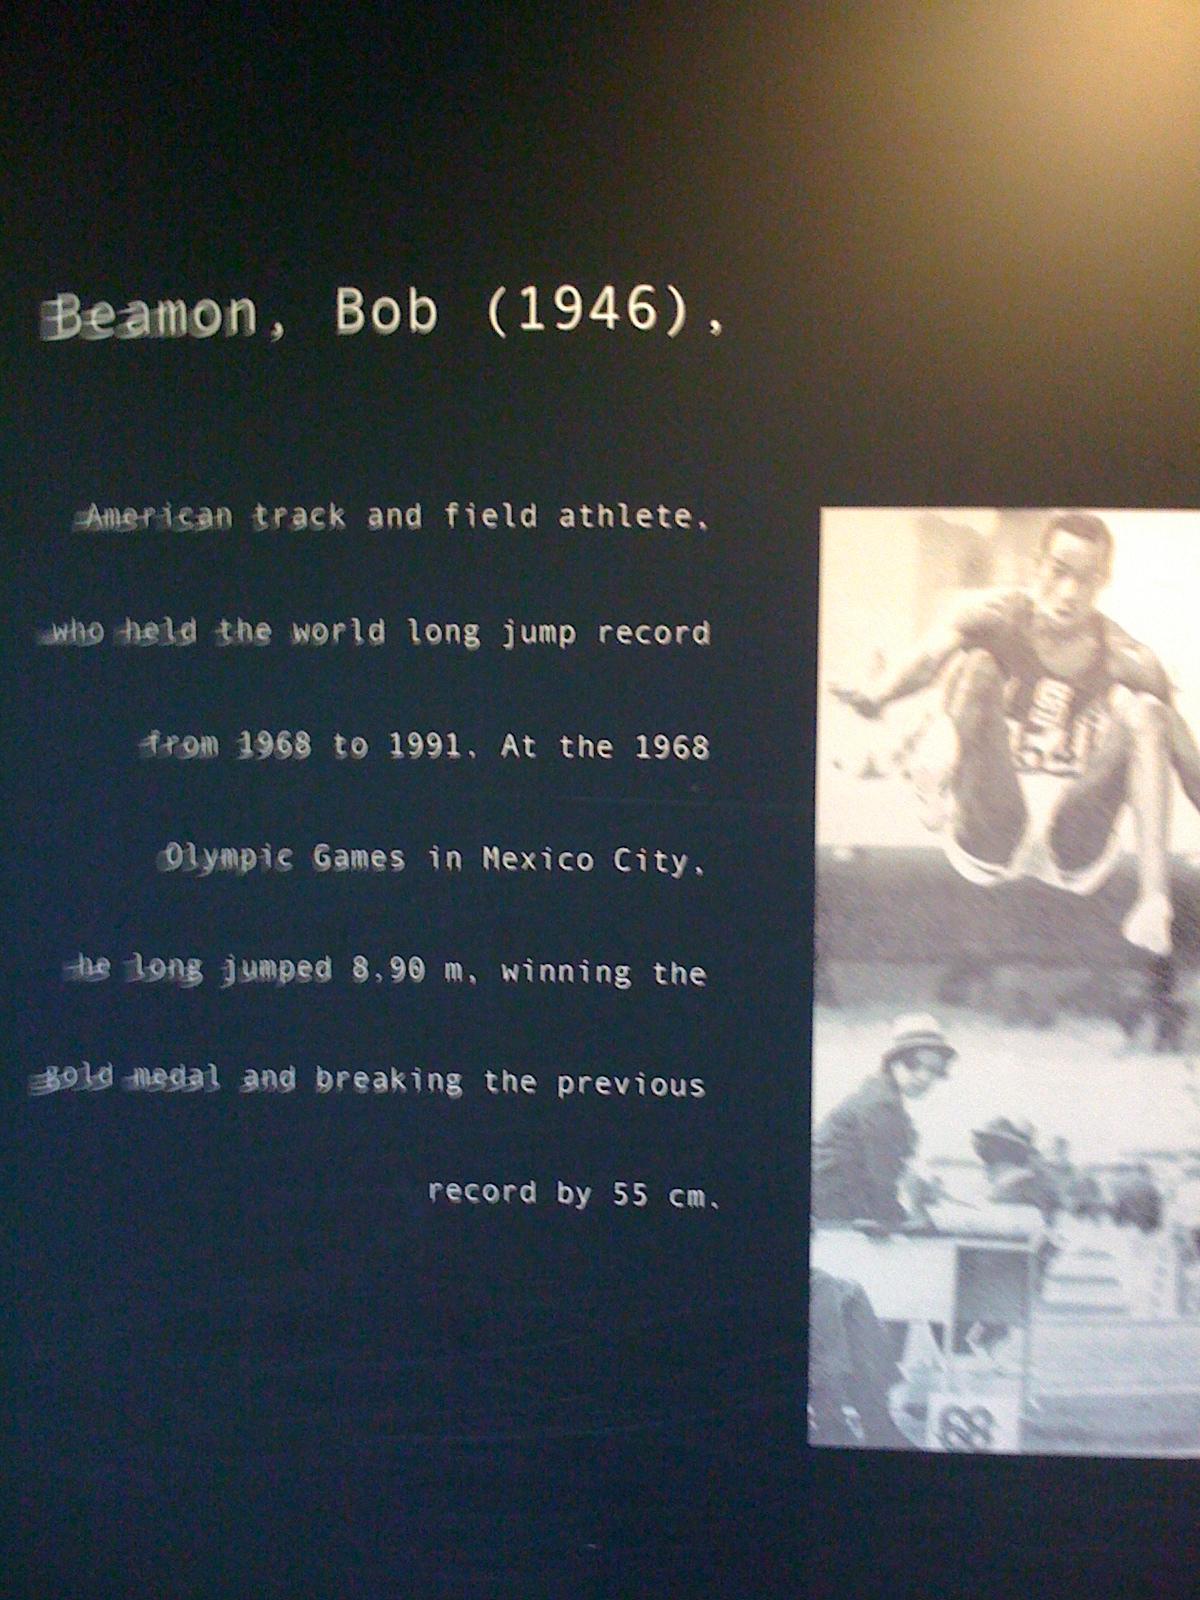 Bob Beamon